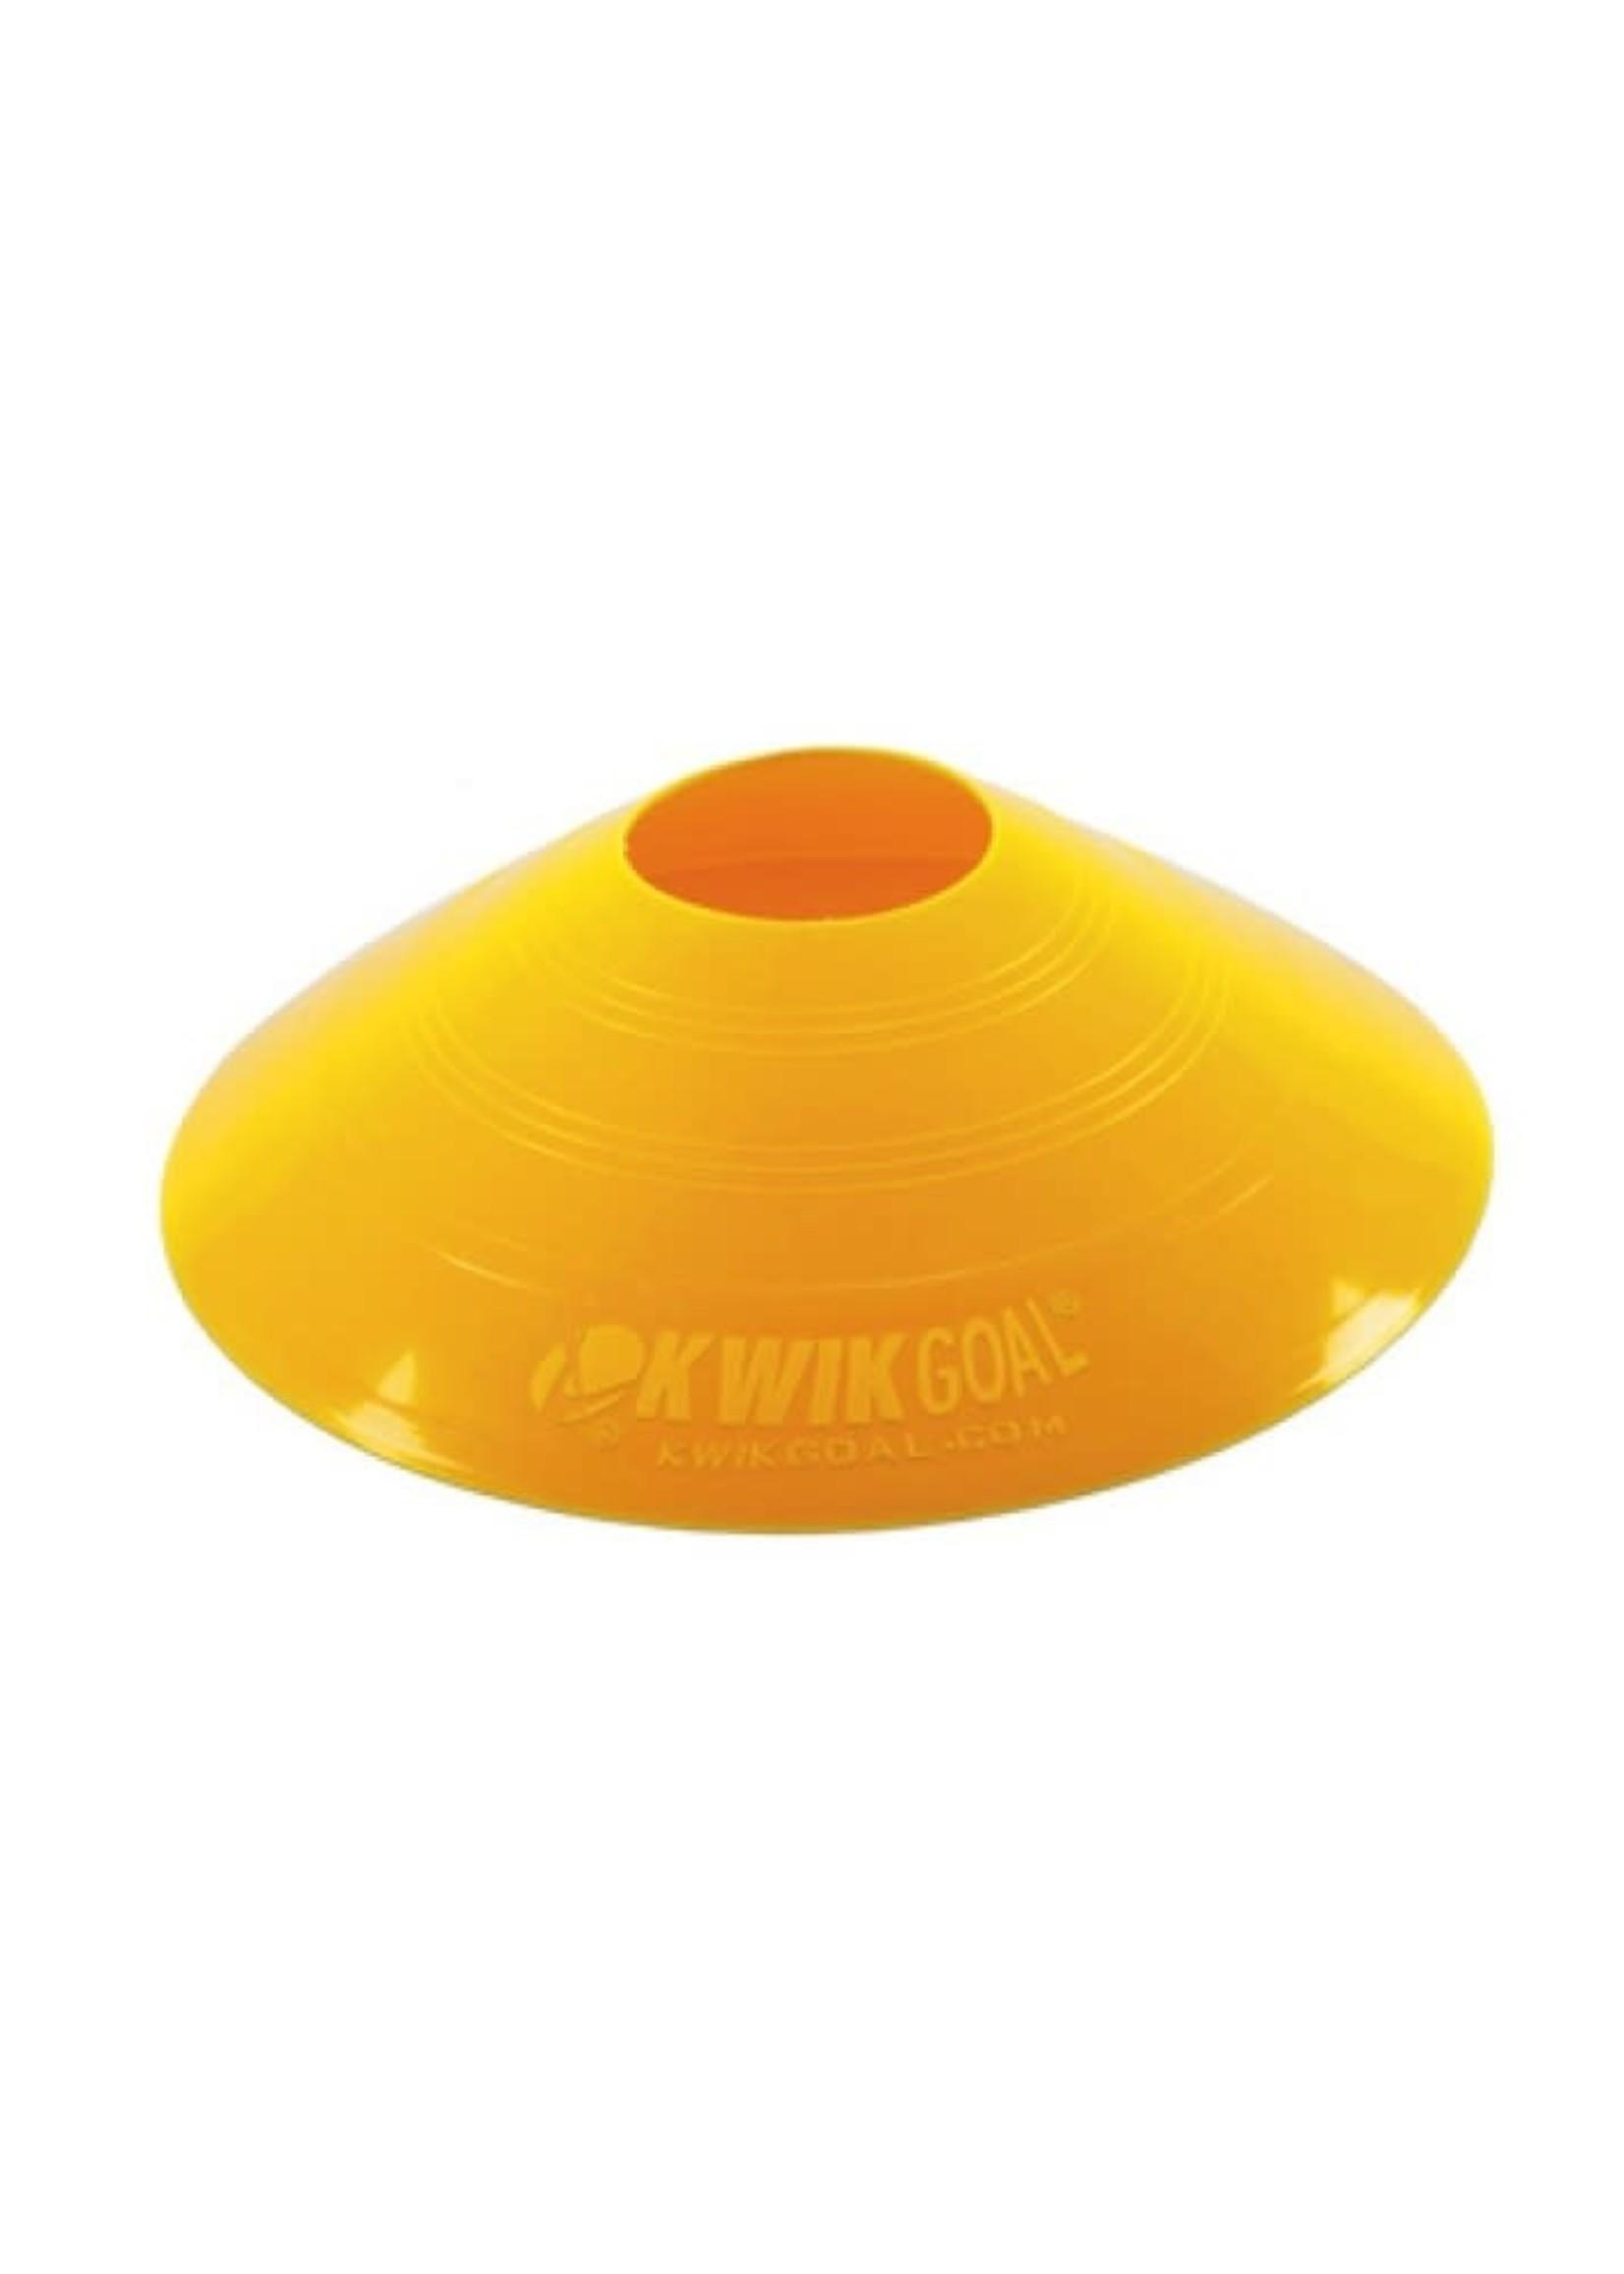 Kwik Goal Disc Cones Yellow